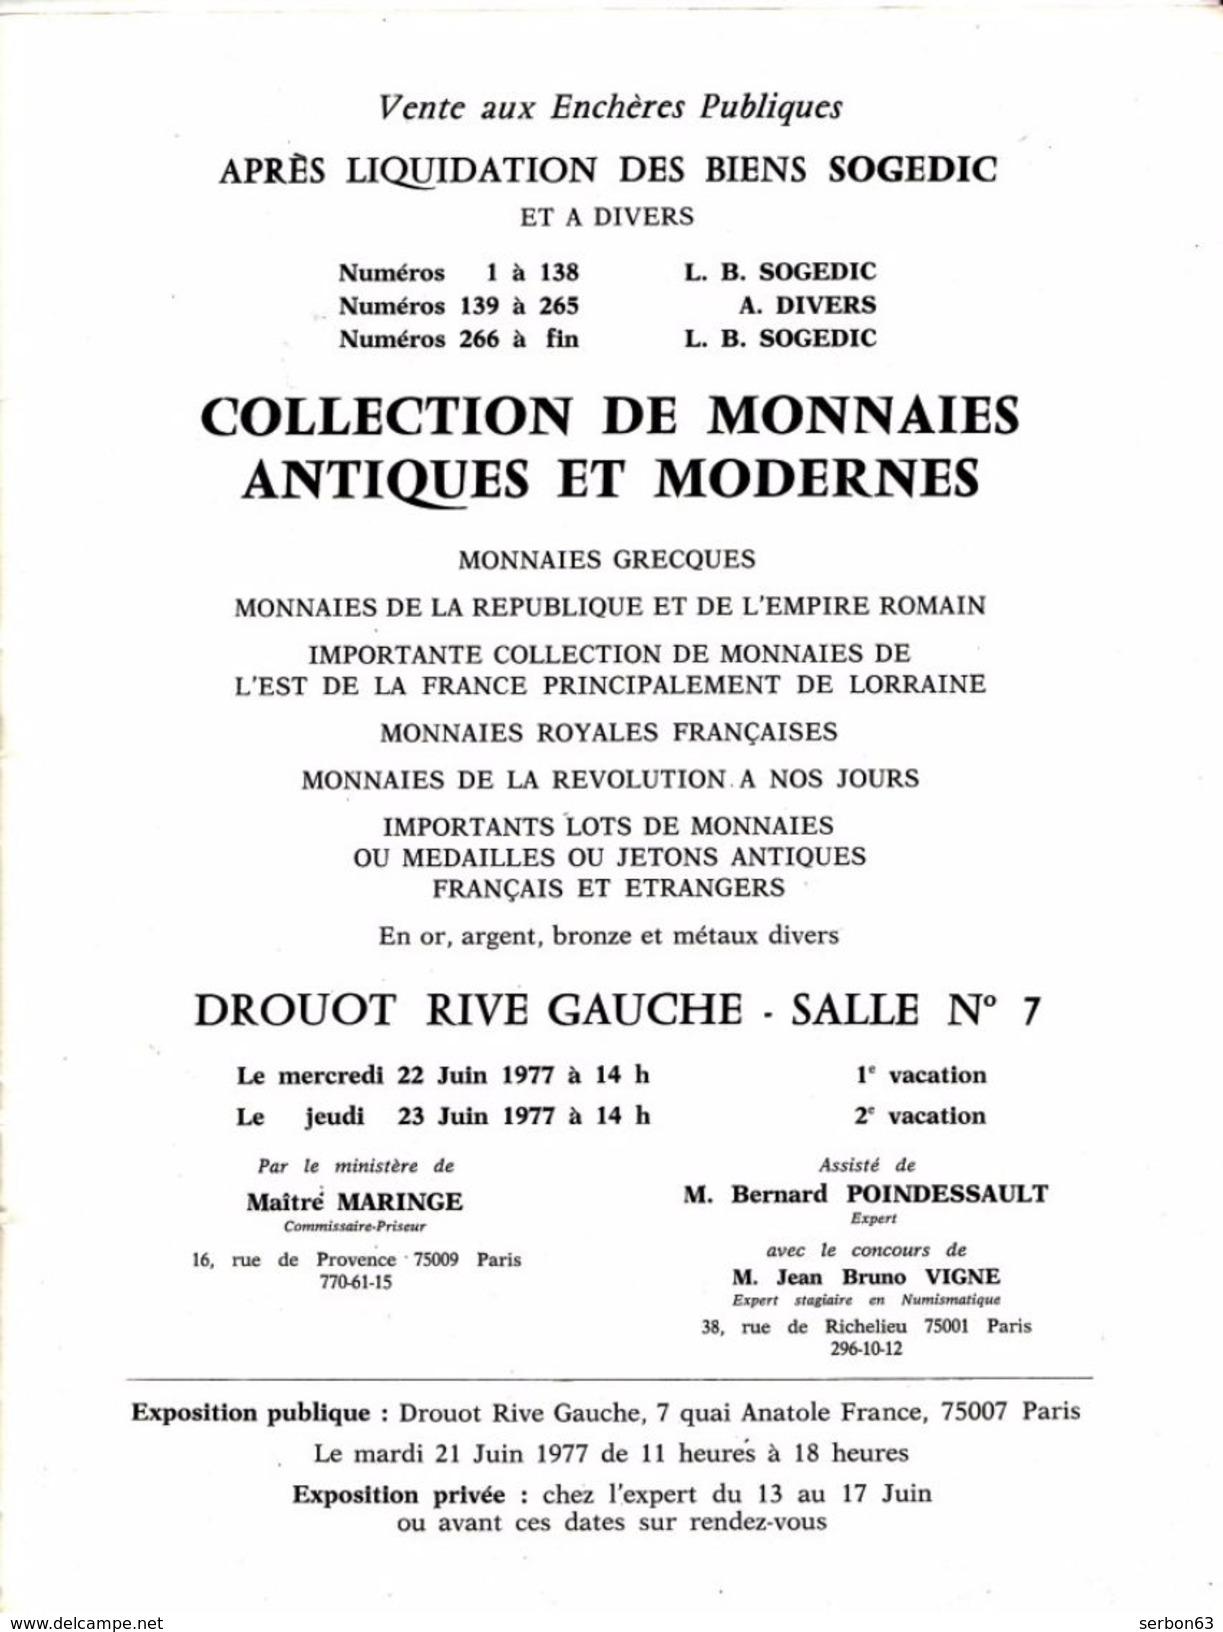 CATALOGUE DE MONNAIES DE COLLECTION ANCIENNES DE 1977 - NOTRE SITE Serbon63 DES MILLIERS D'ARTICLES SONT EN VENTES - French